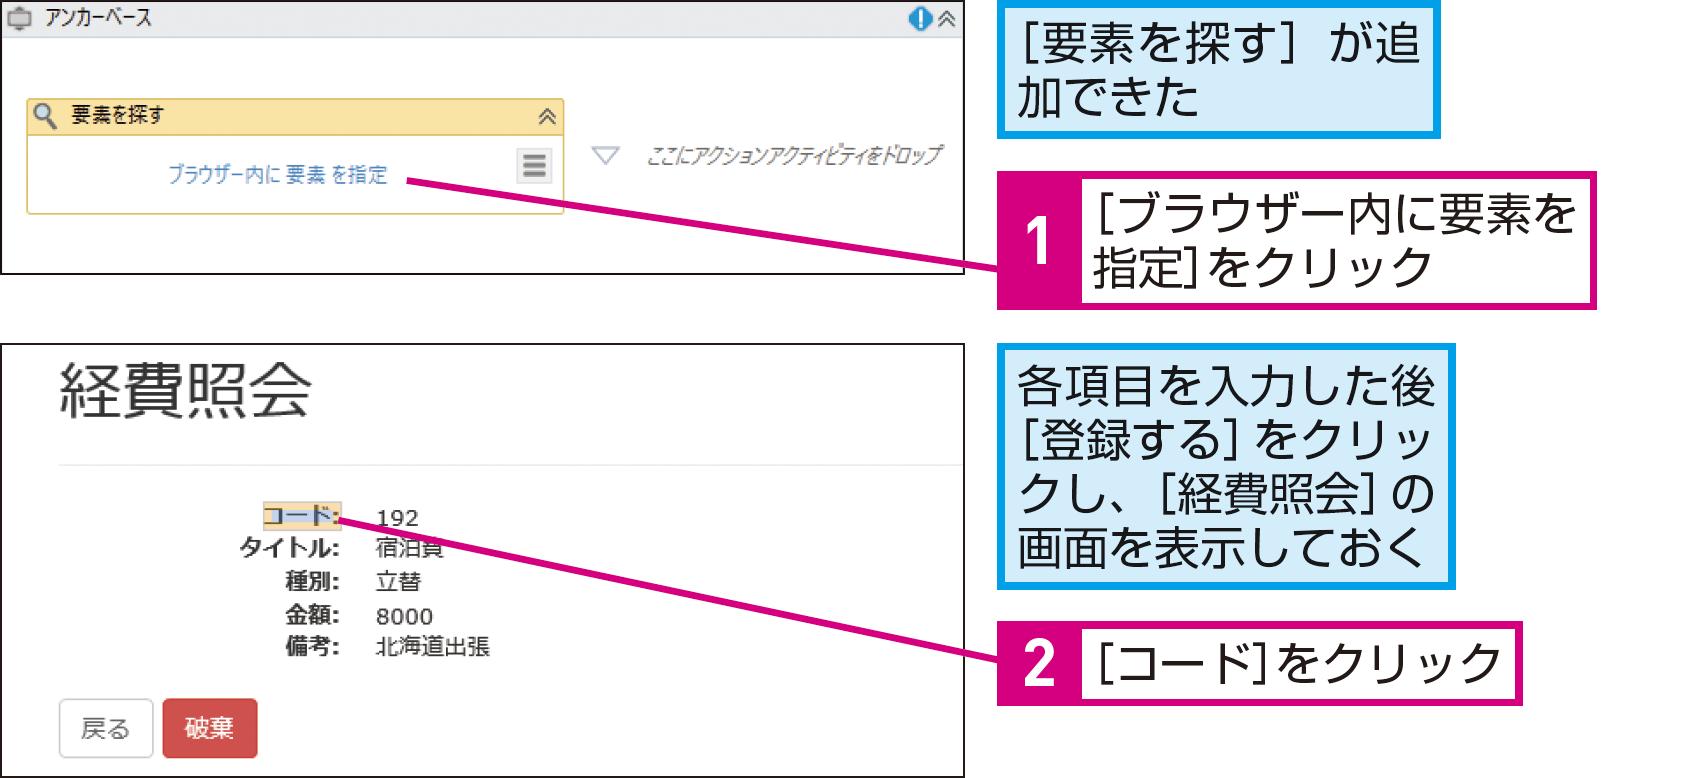 ExcelとWebアプリを自動処理するには 2(Webアプリのデータ入力) - できるUiPath